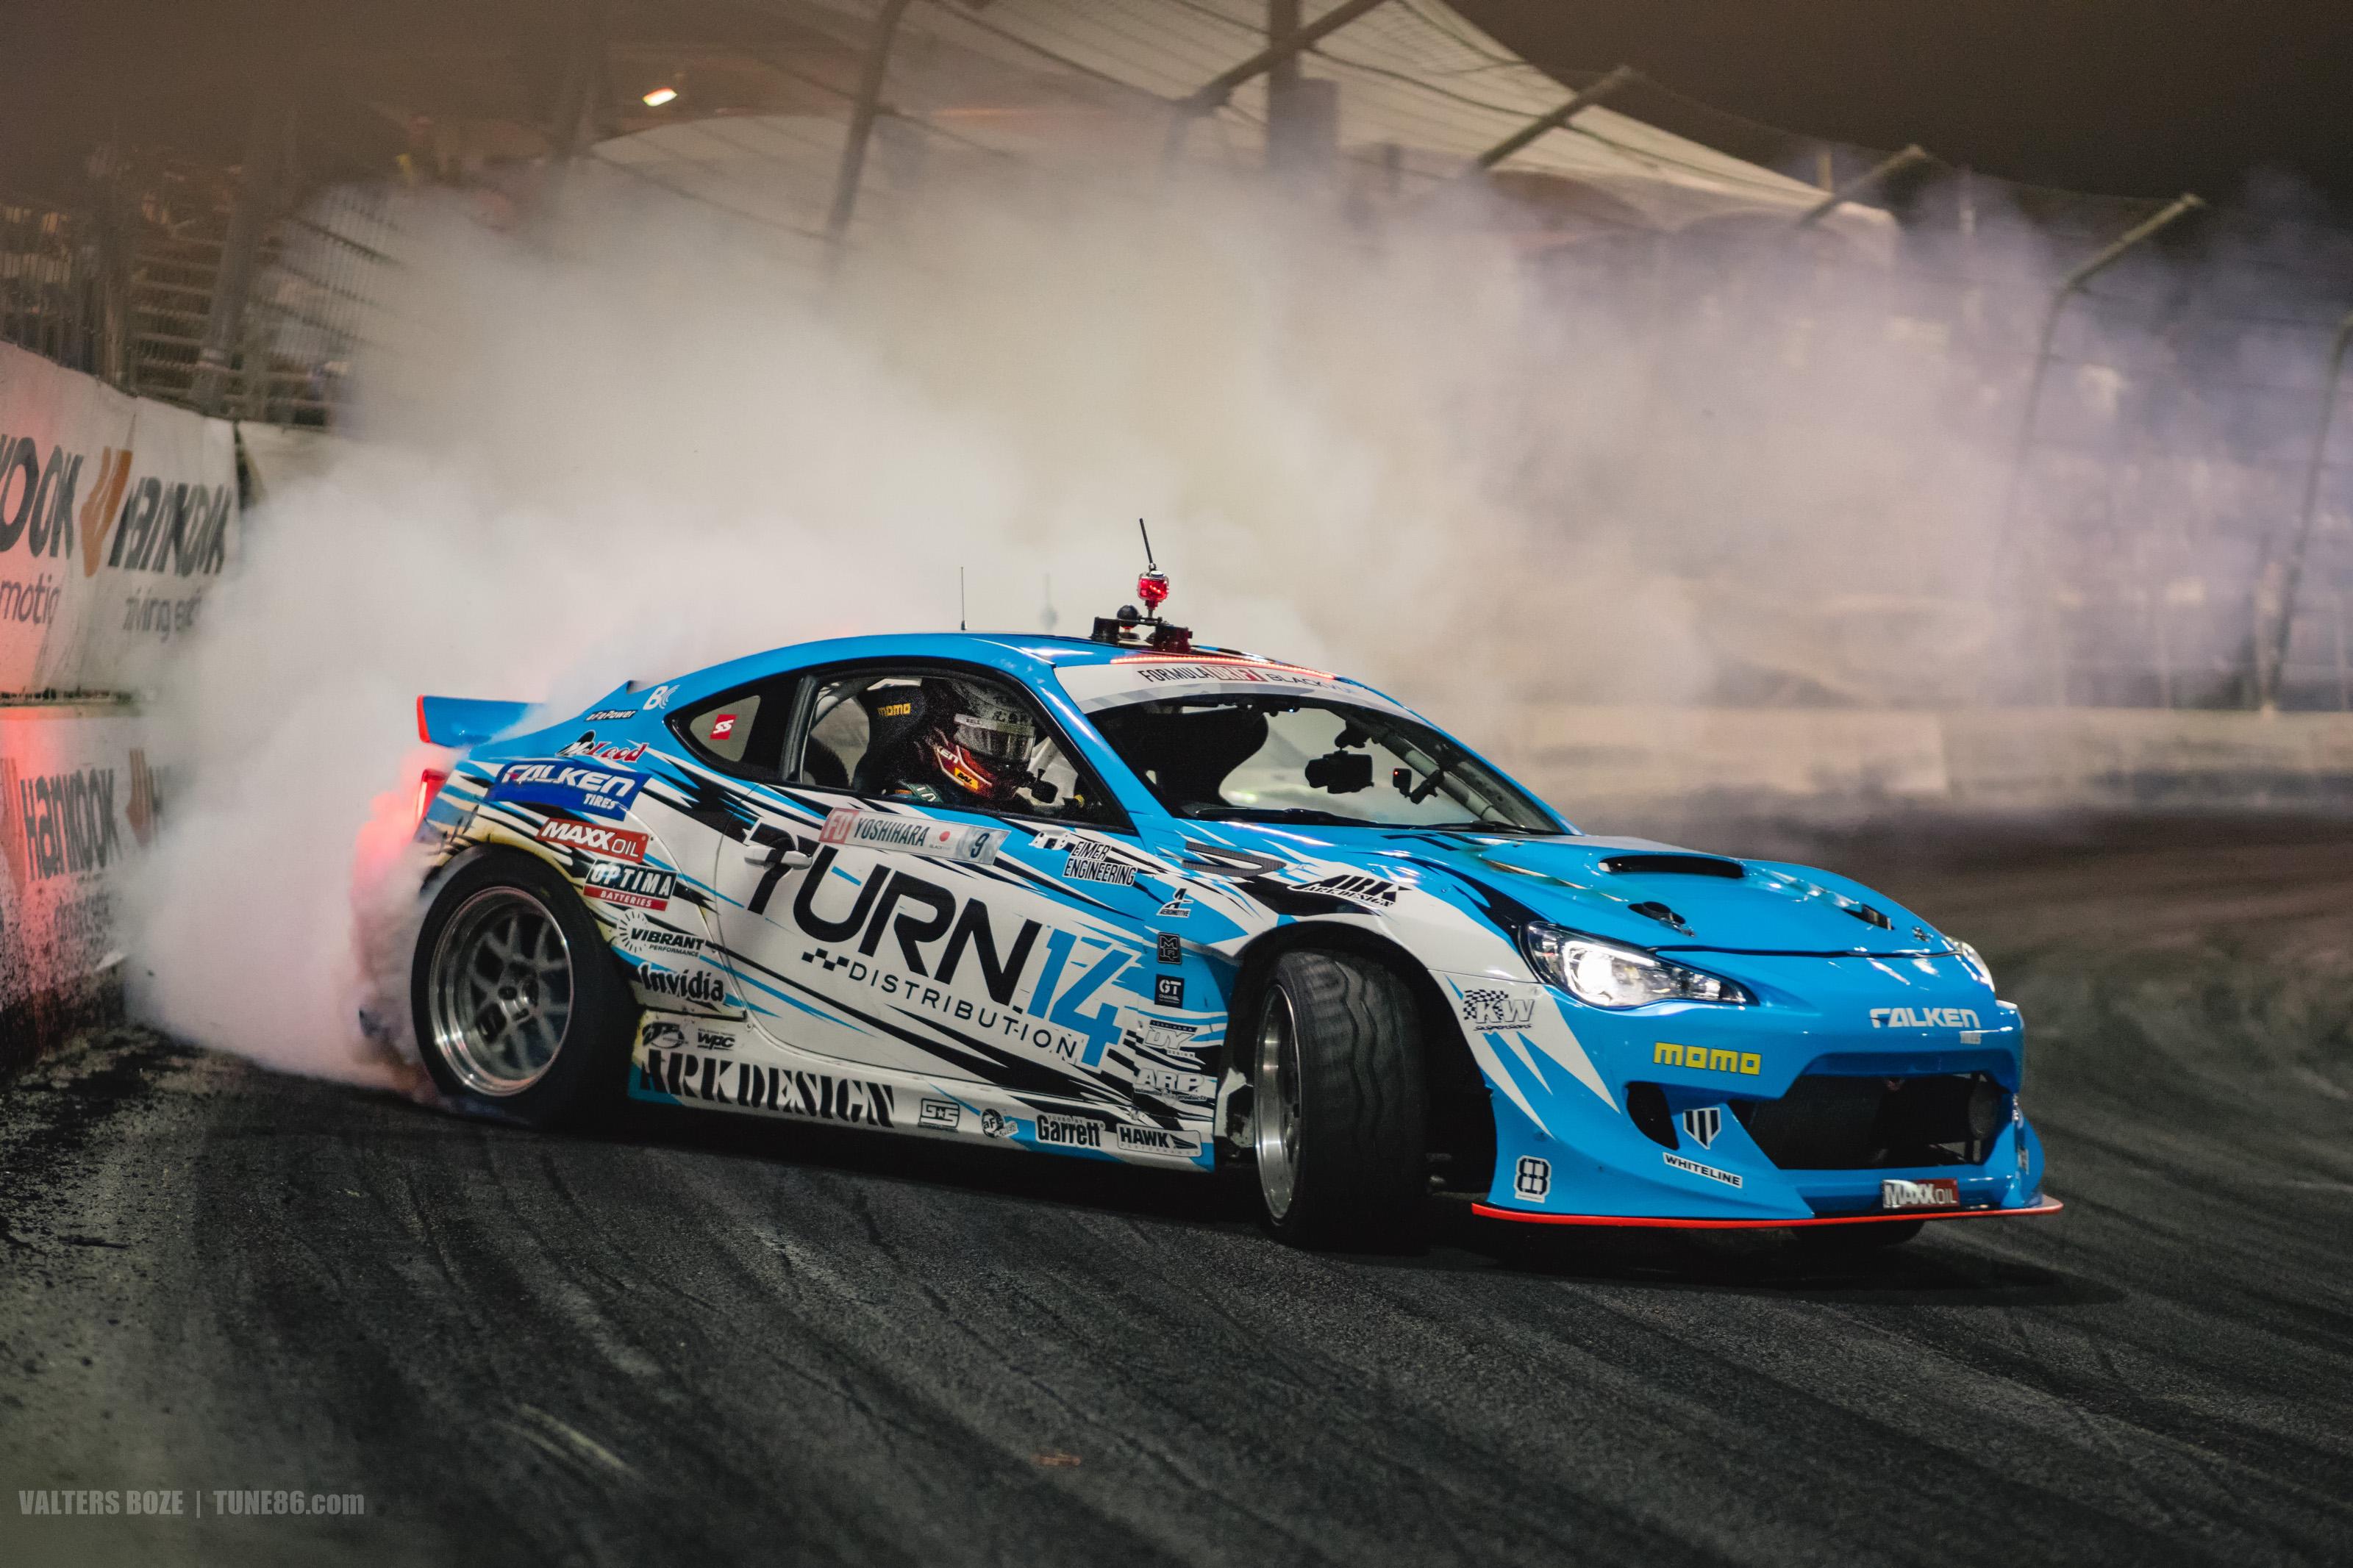 Tune86 Formula Drift Irwindale 2016 9 Dai Yoshihara Subaru Brz